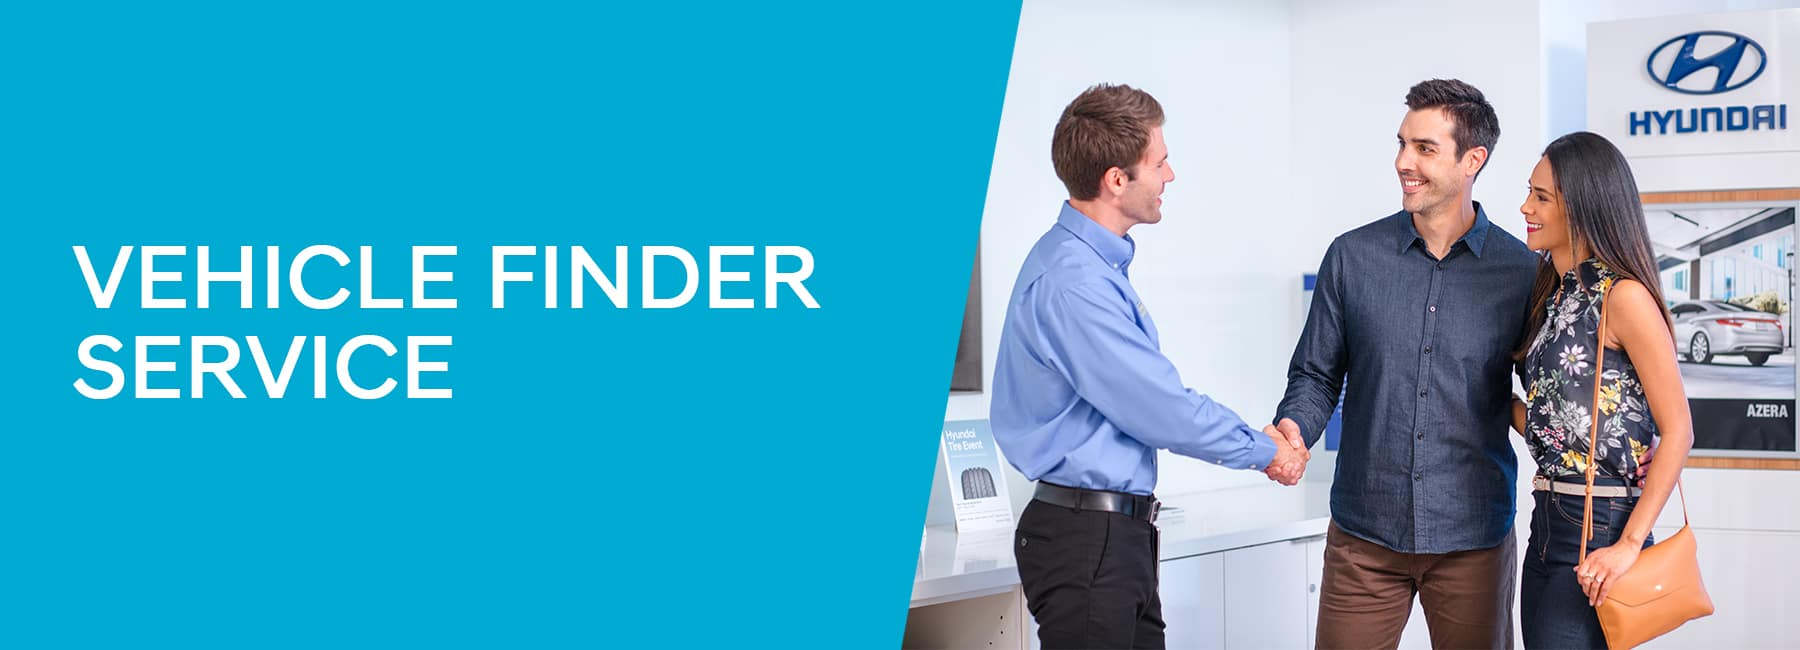 Vehicle Finder Service at Patrick Hyundai